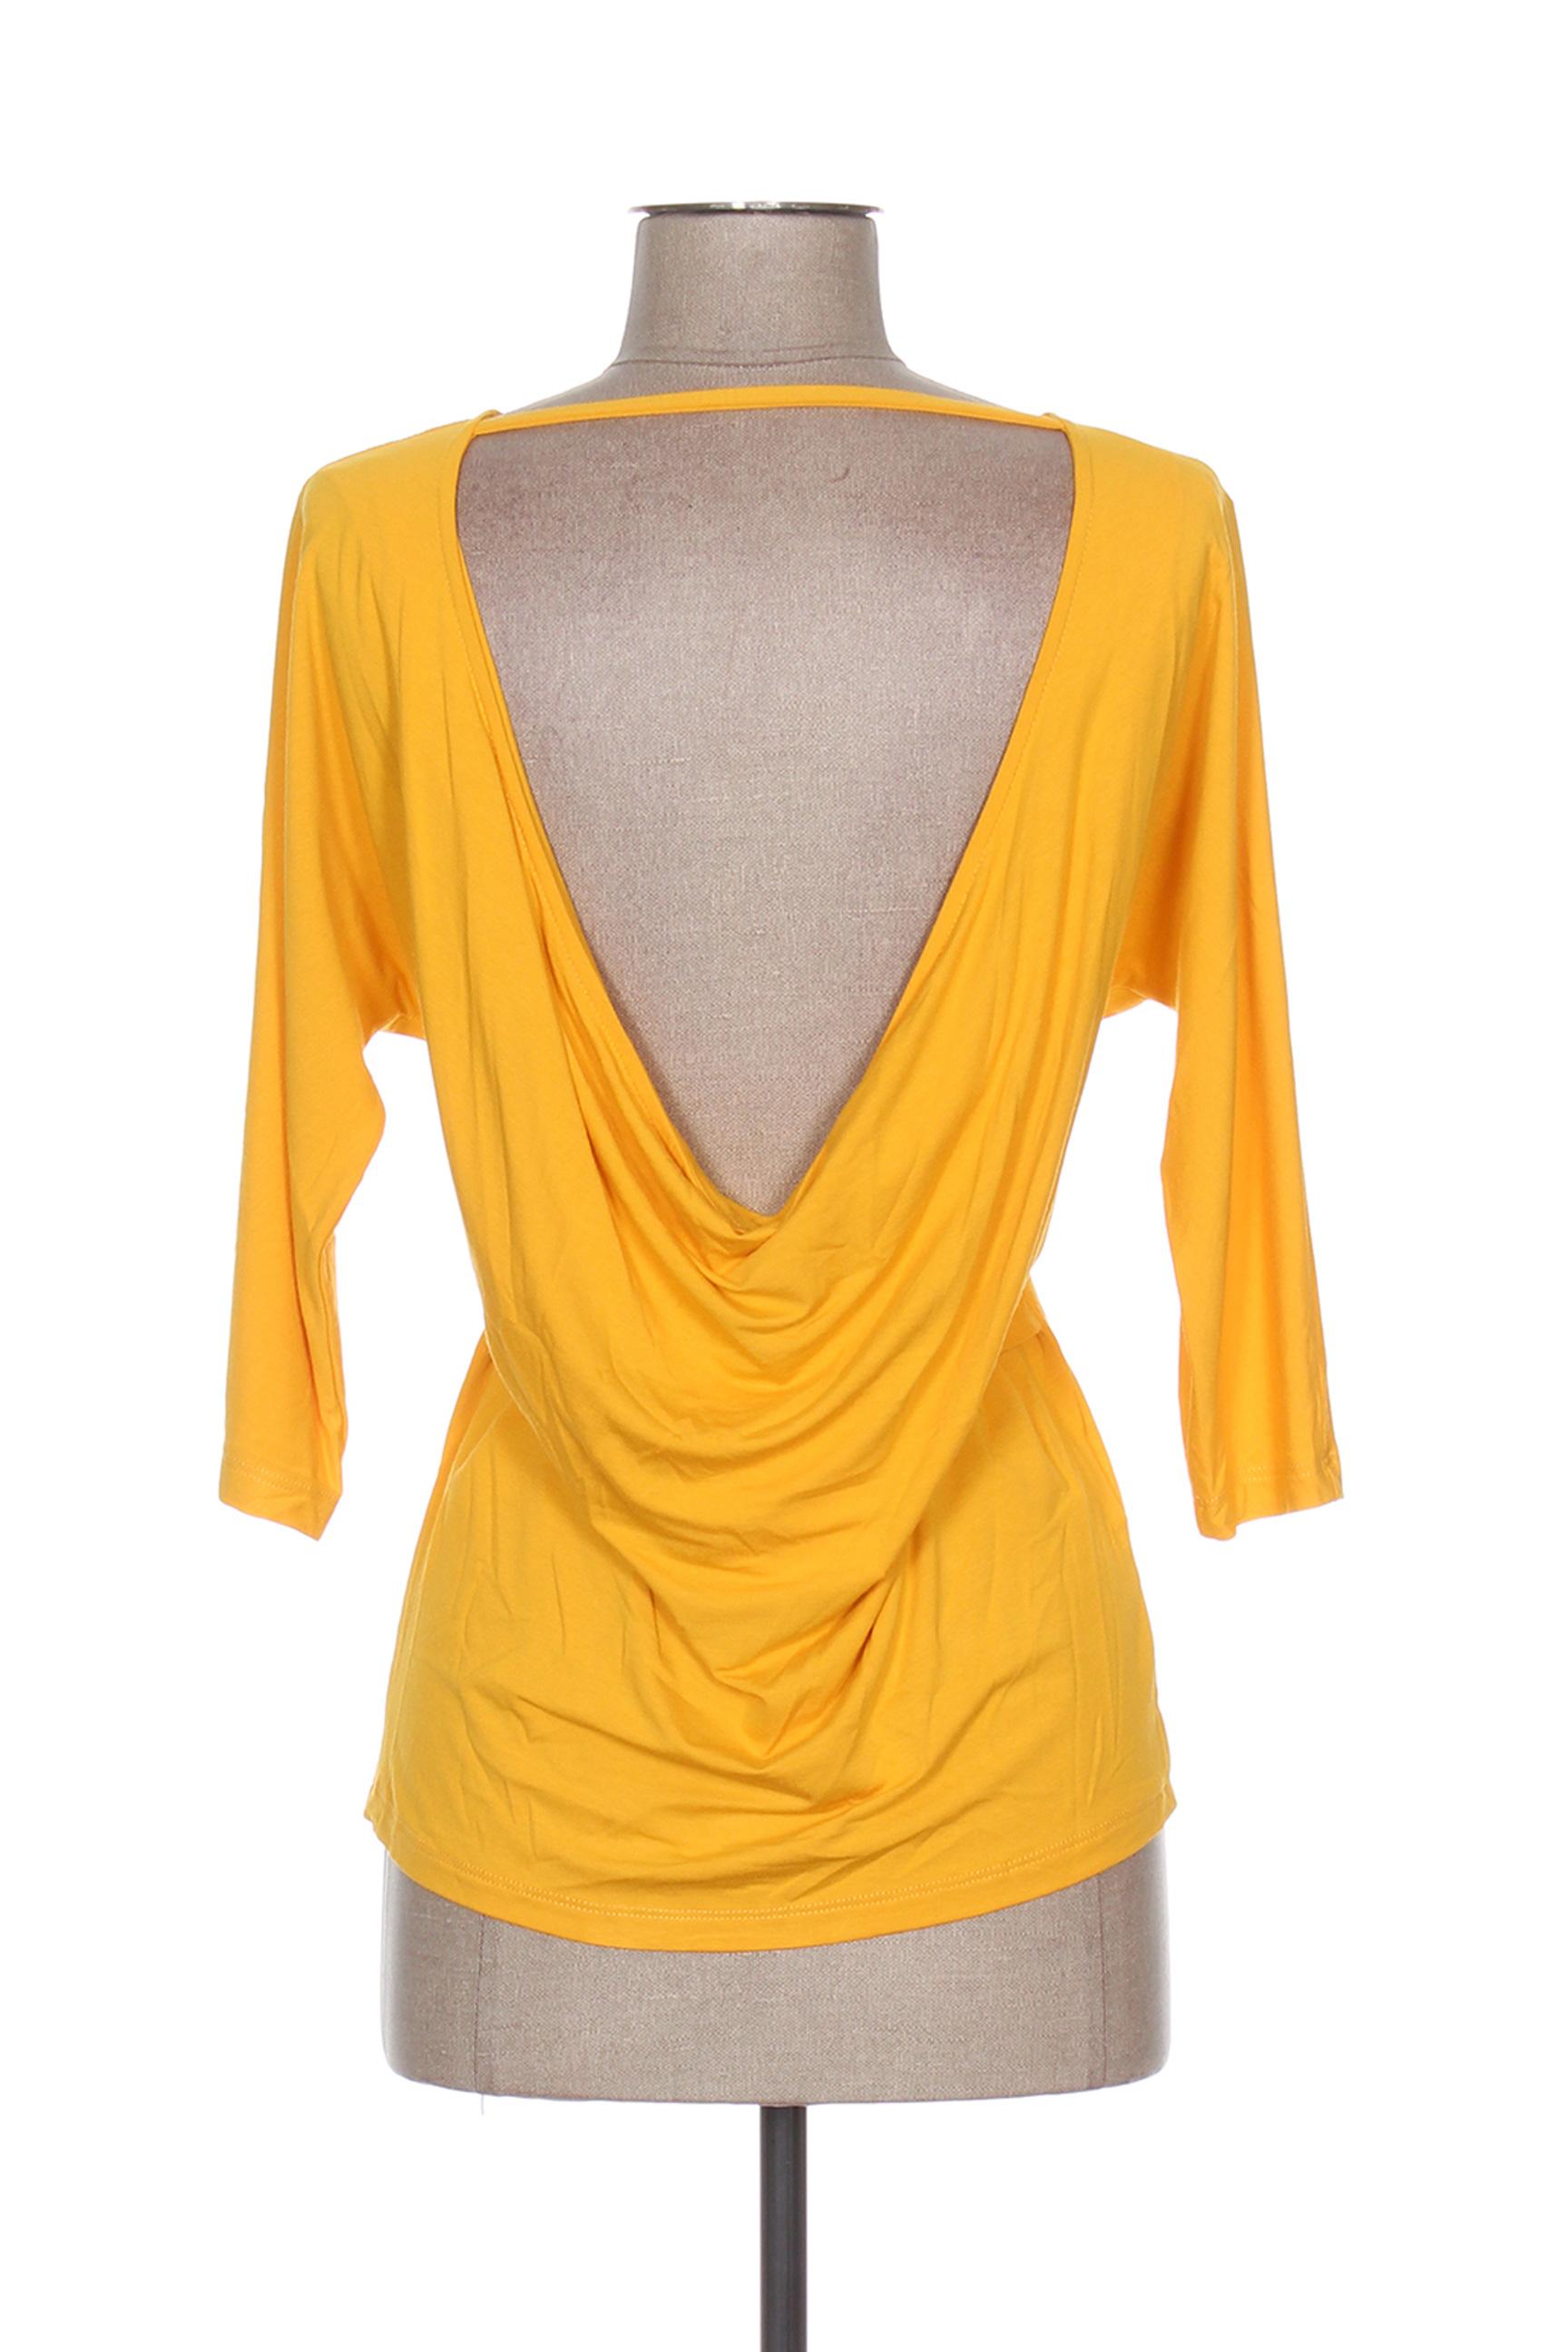 Isabel De Pedro Manches Longues 1 Femme Couleur Jaune En Soldes Pas Cher 1283569-jaune0